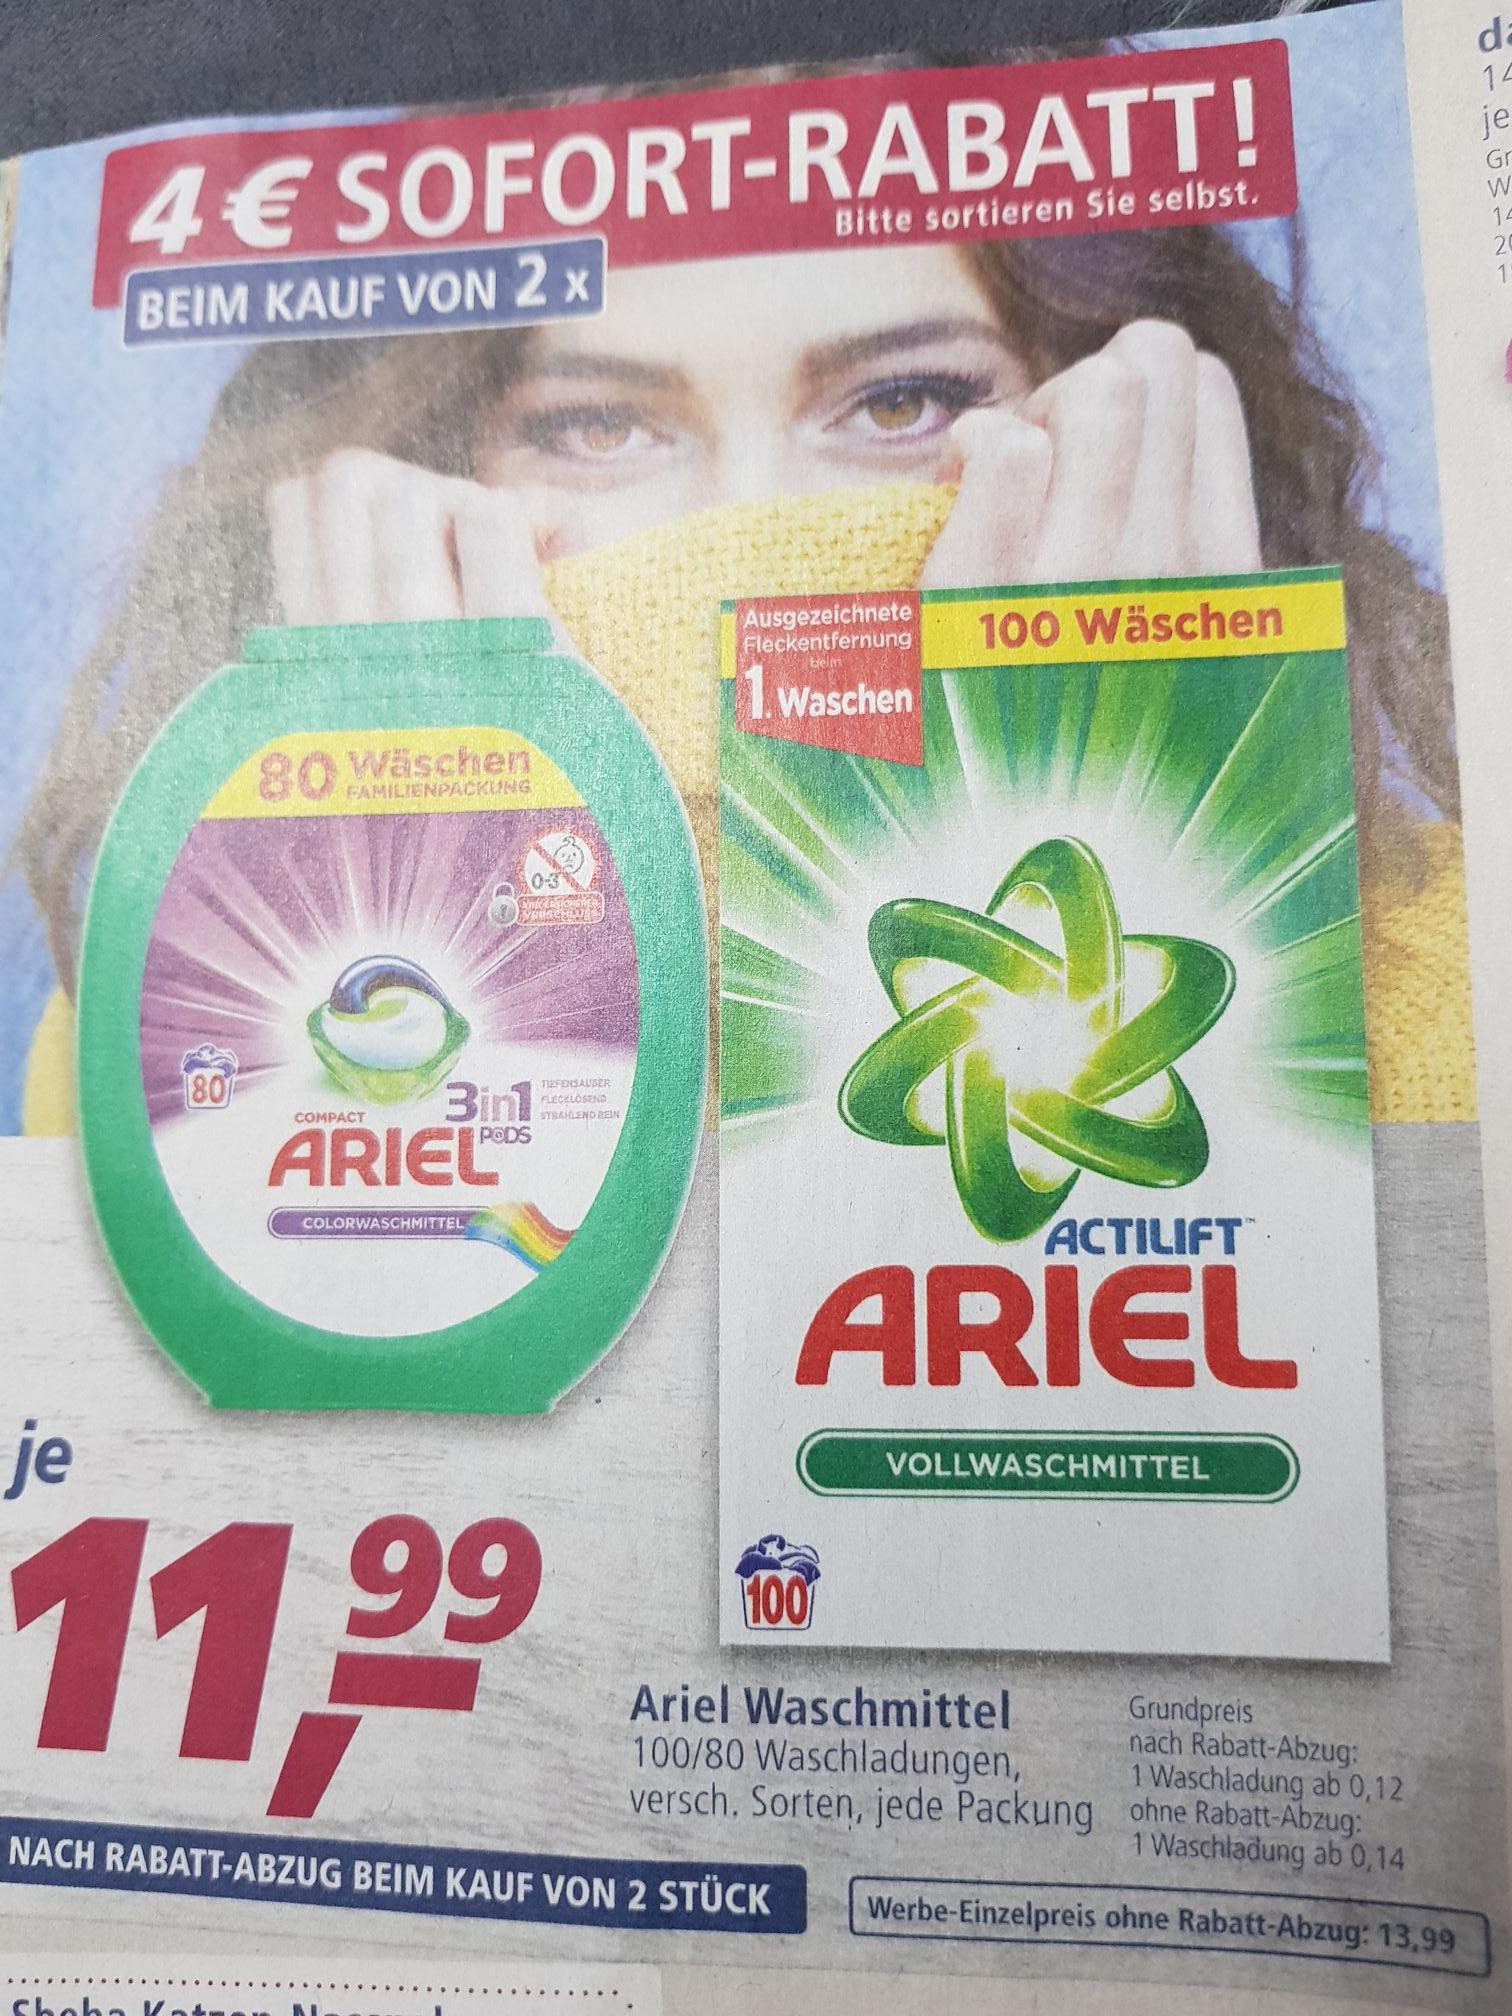 [Real] 2x Ariel 3in1 Pods Familienpackung (80 Wäsche) 0,15€/Waschladung